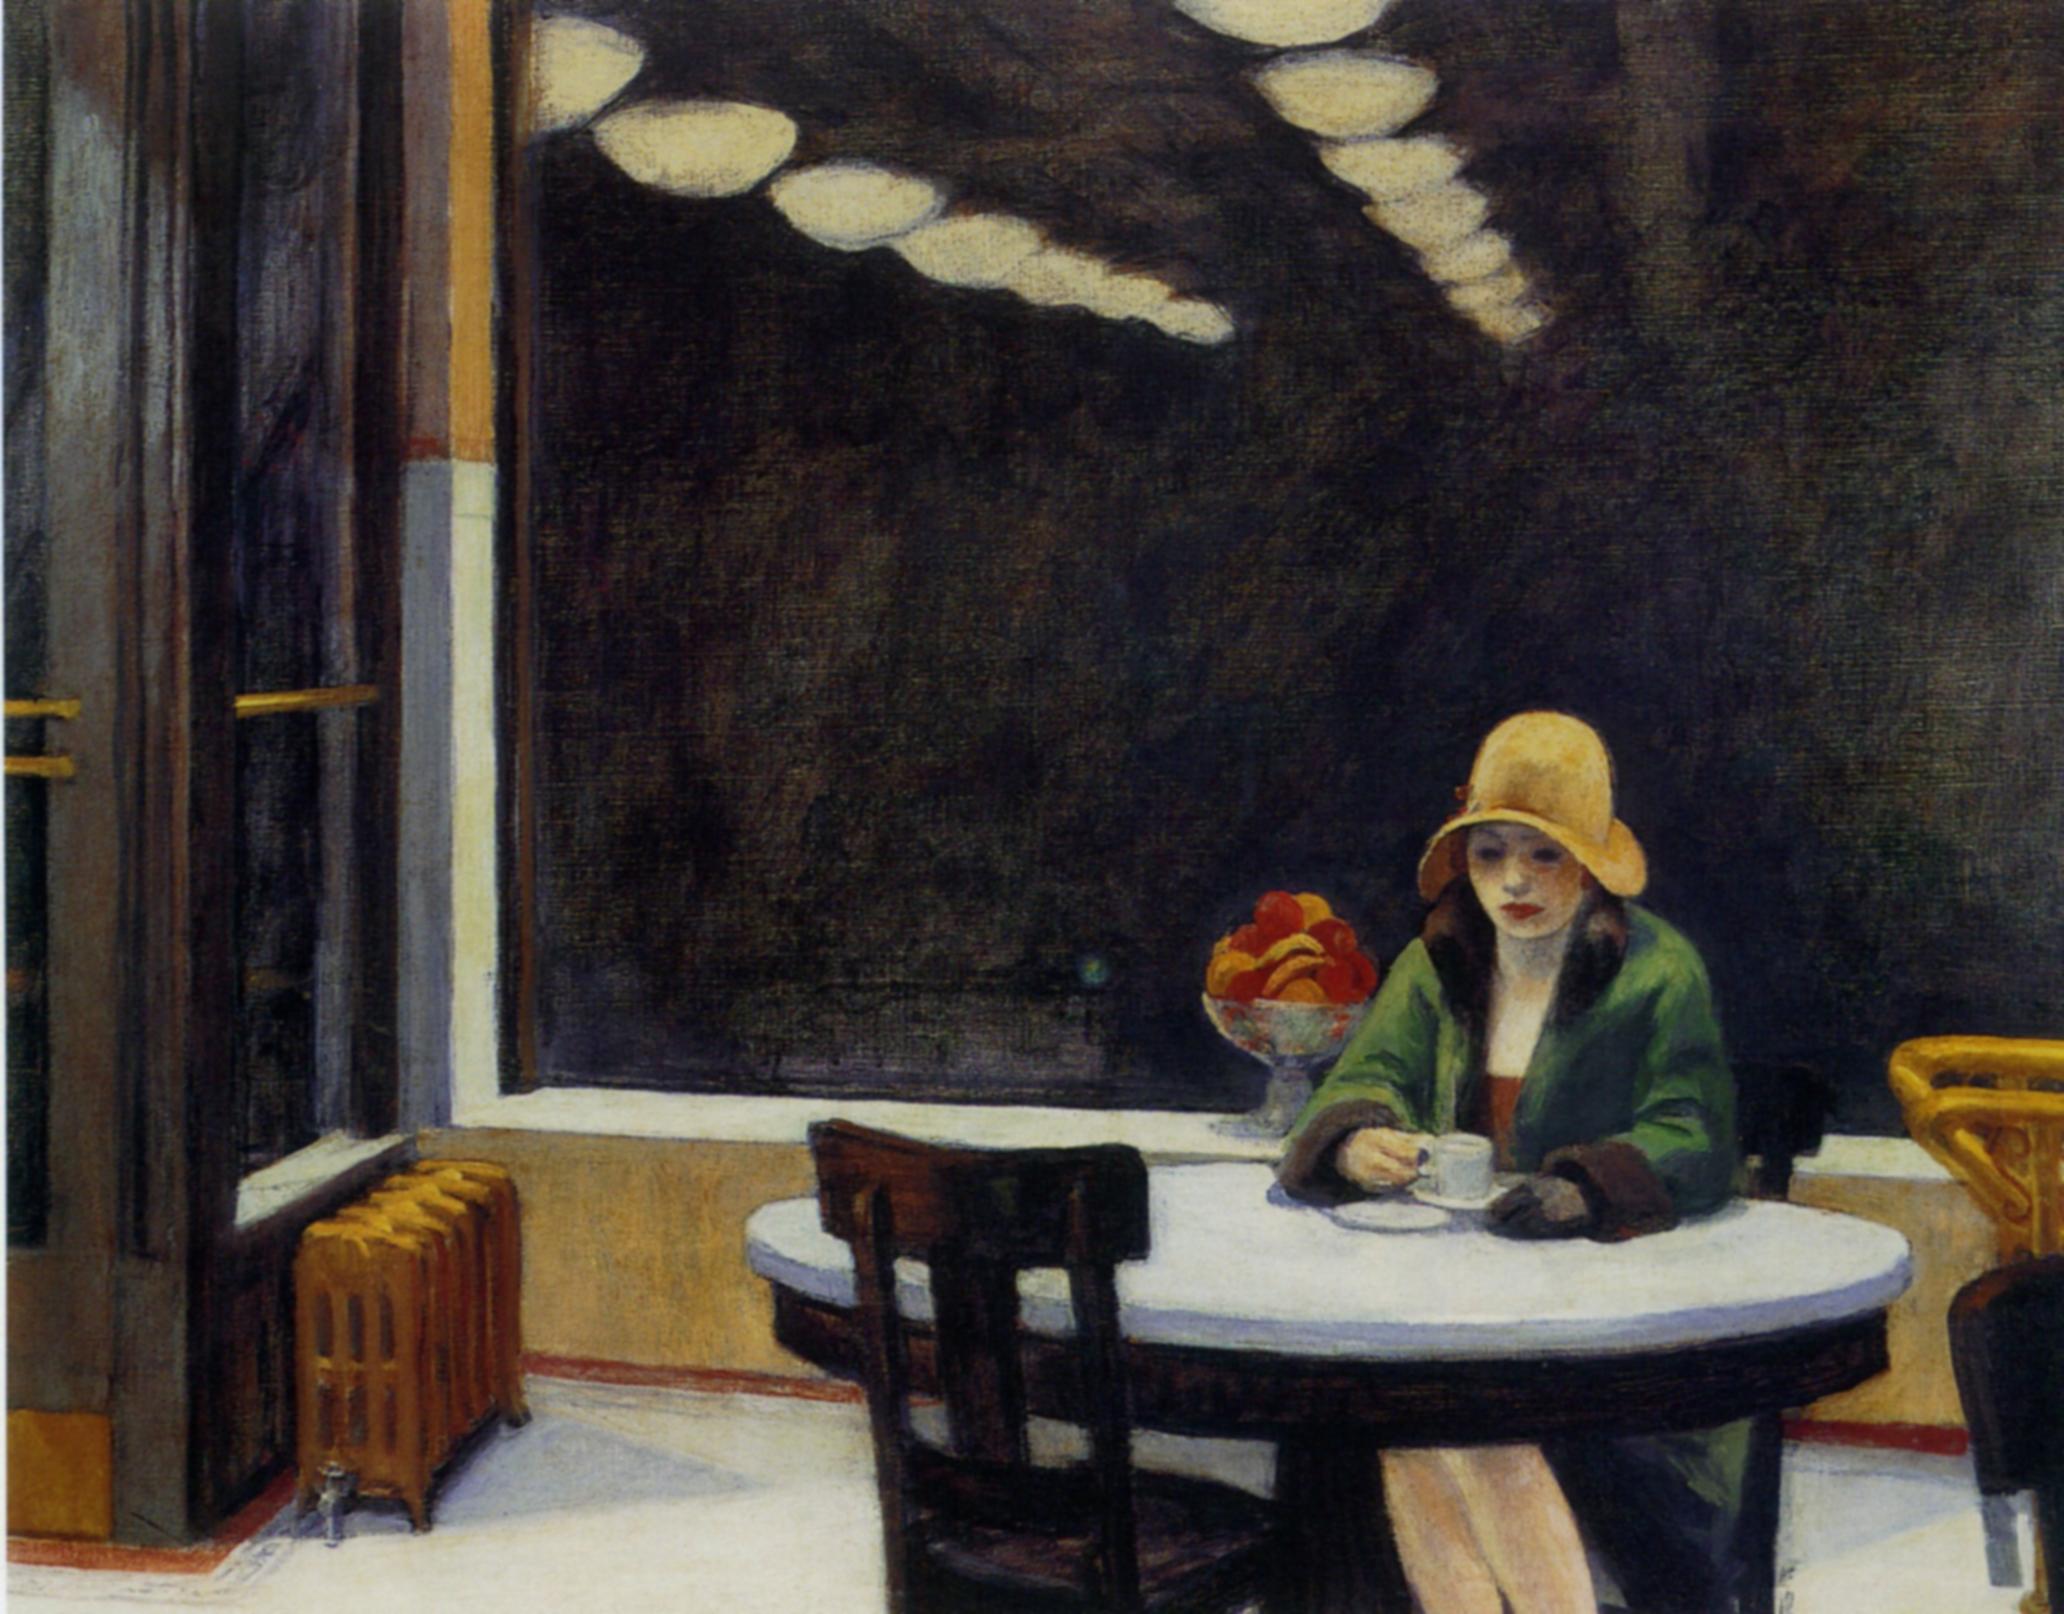 Automat  - Edward Hopper, 1927